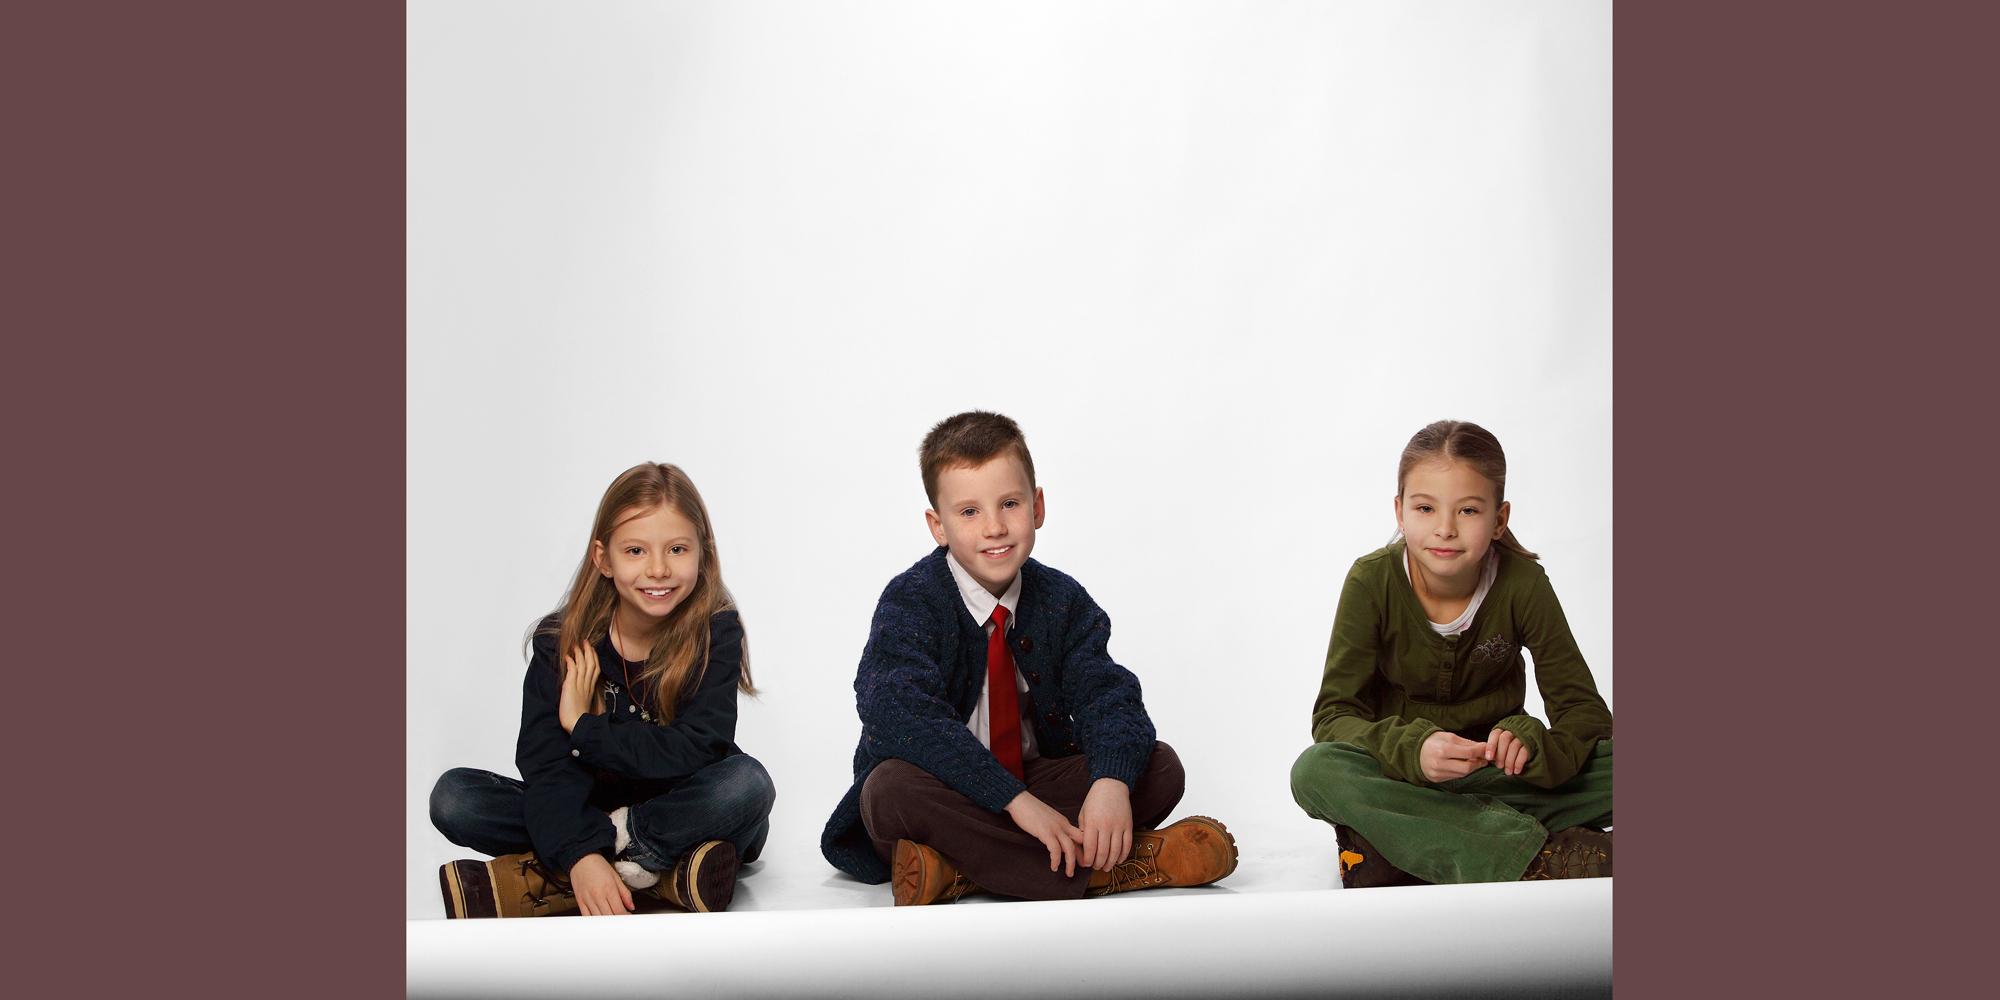 Ganzkörperportrait (Familienfoto) von einem Jungen mit roter Krawatte, der im Schneidersitz auf dem Boden posiert und zwei Mädchen, die lächelnd links und rechts von ihm sitzen.